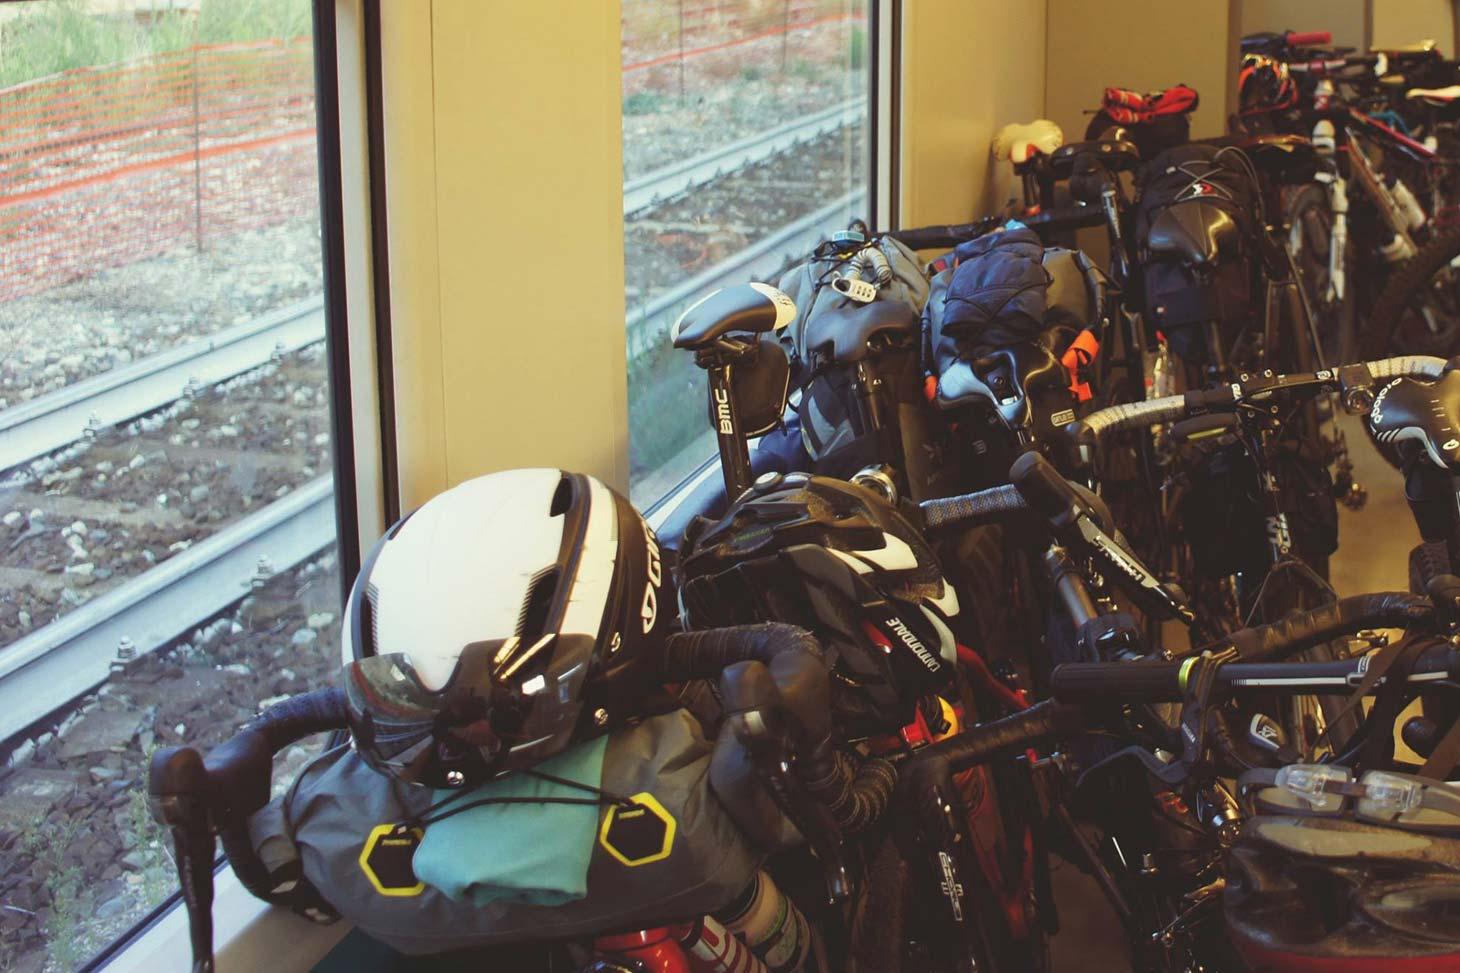 cmc2016_train_bike